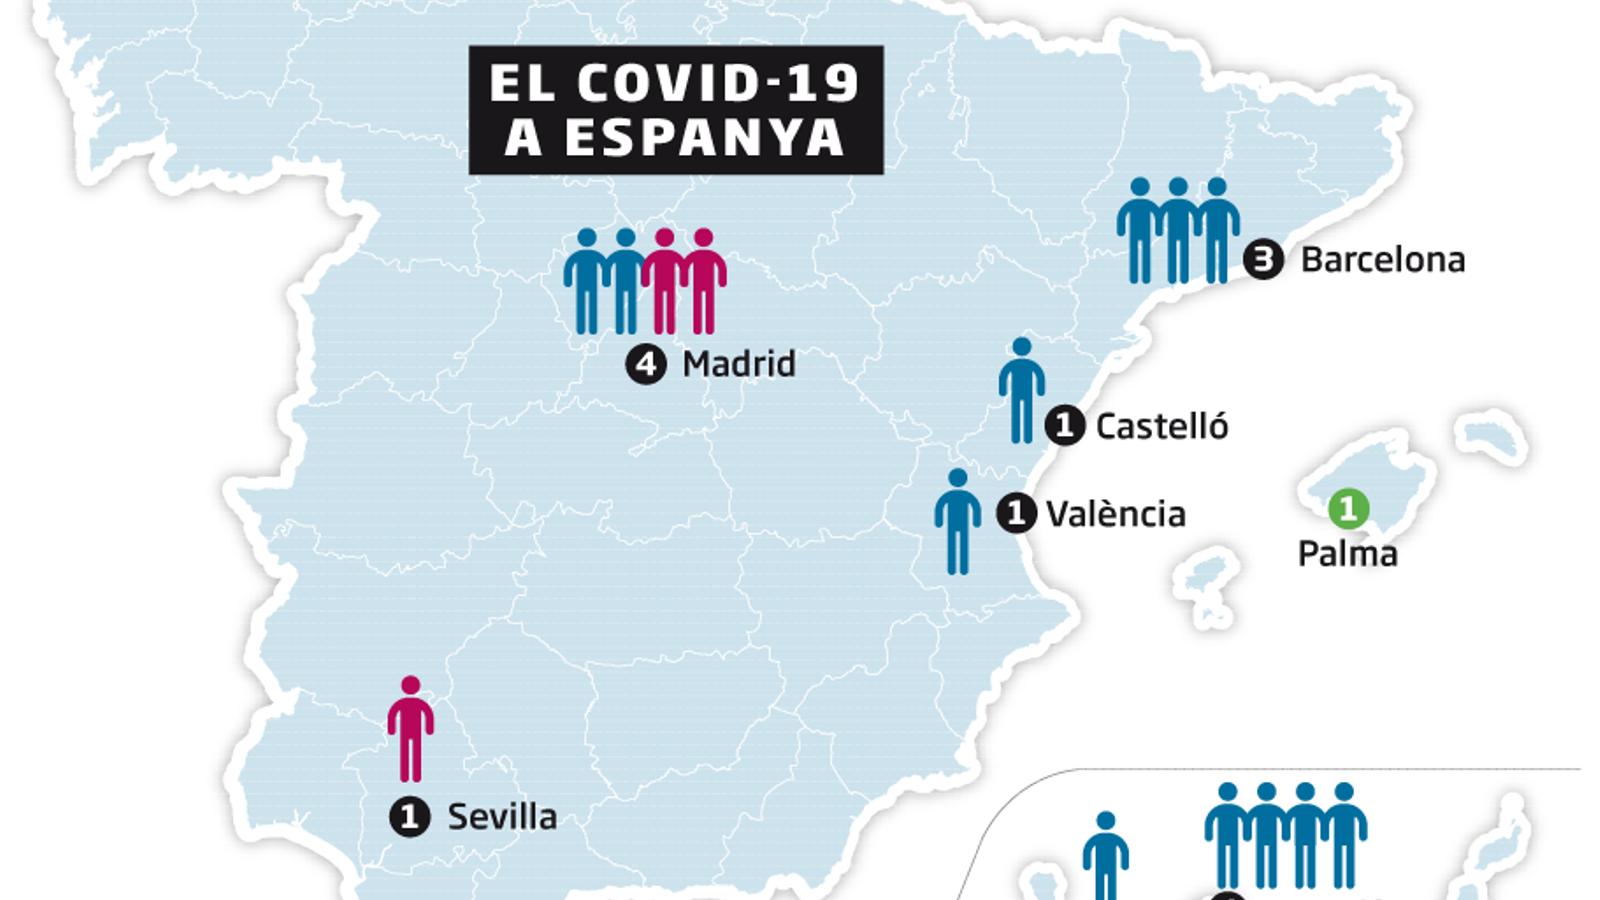 Mapa amb tots els infectats per Covid-19 a Espanya